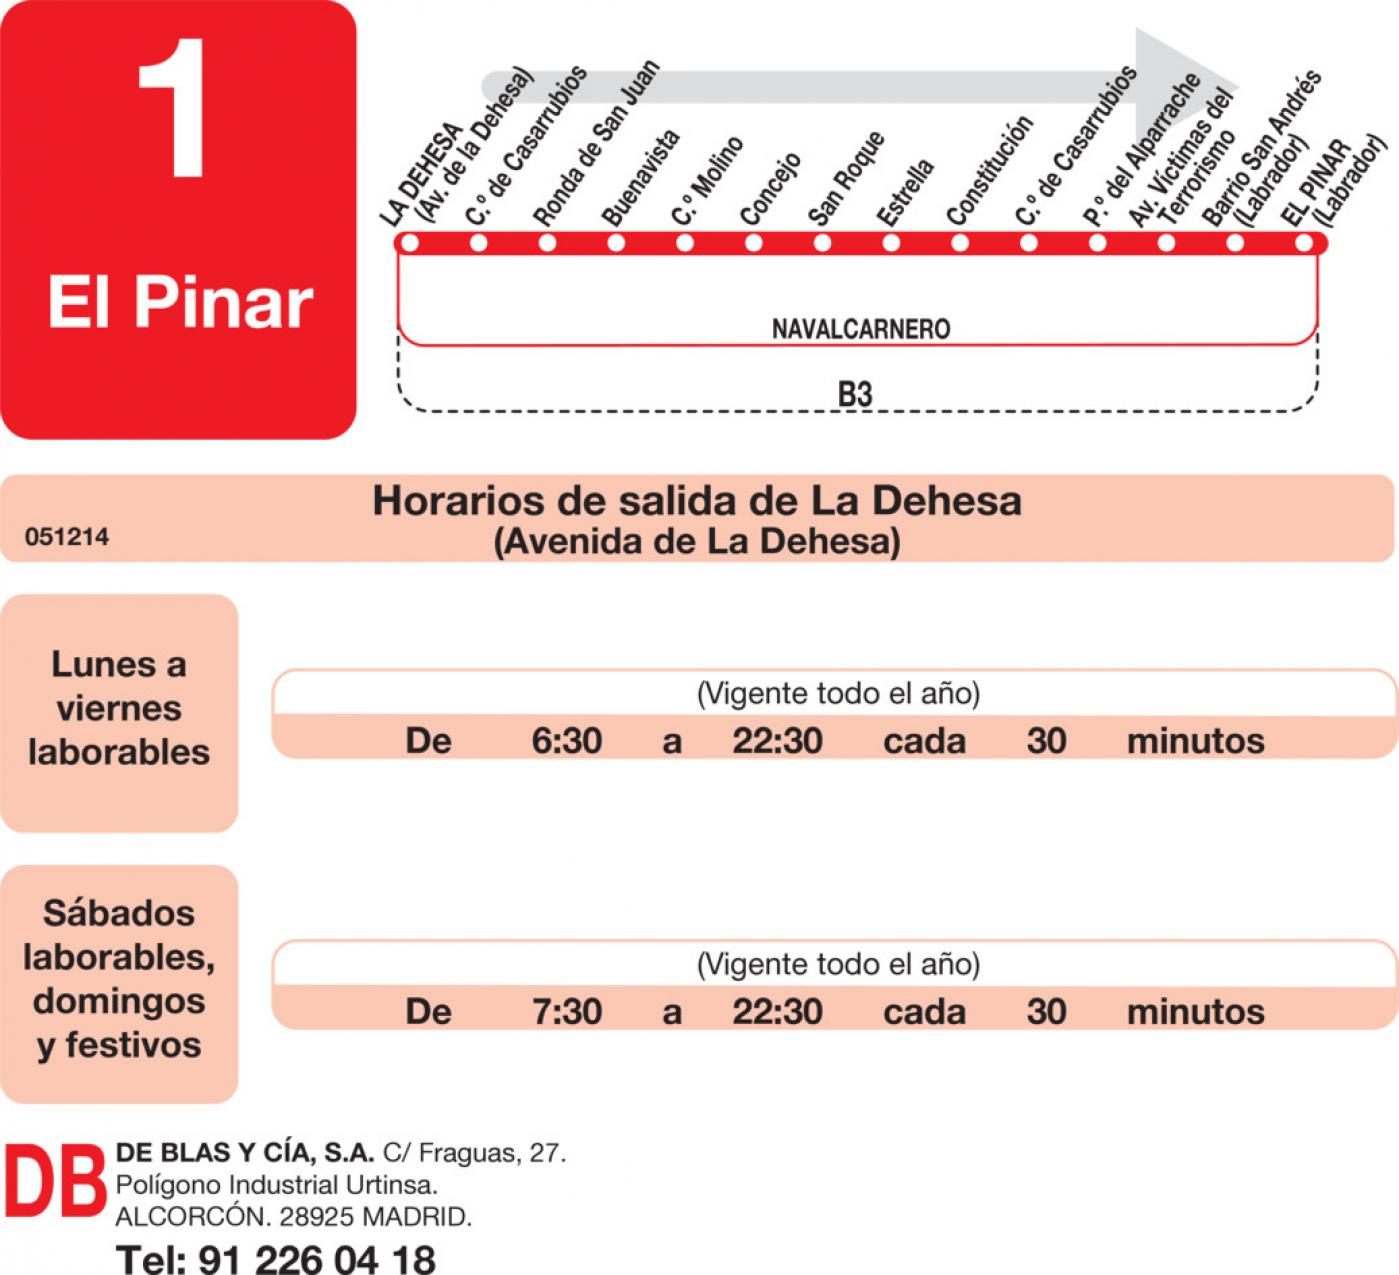 Tabla de horarios y frecuencias de paso en sentido ida Línea L-1 Navalcarnero: La Dehesa - El Pinar